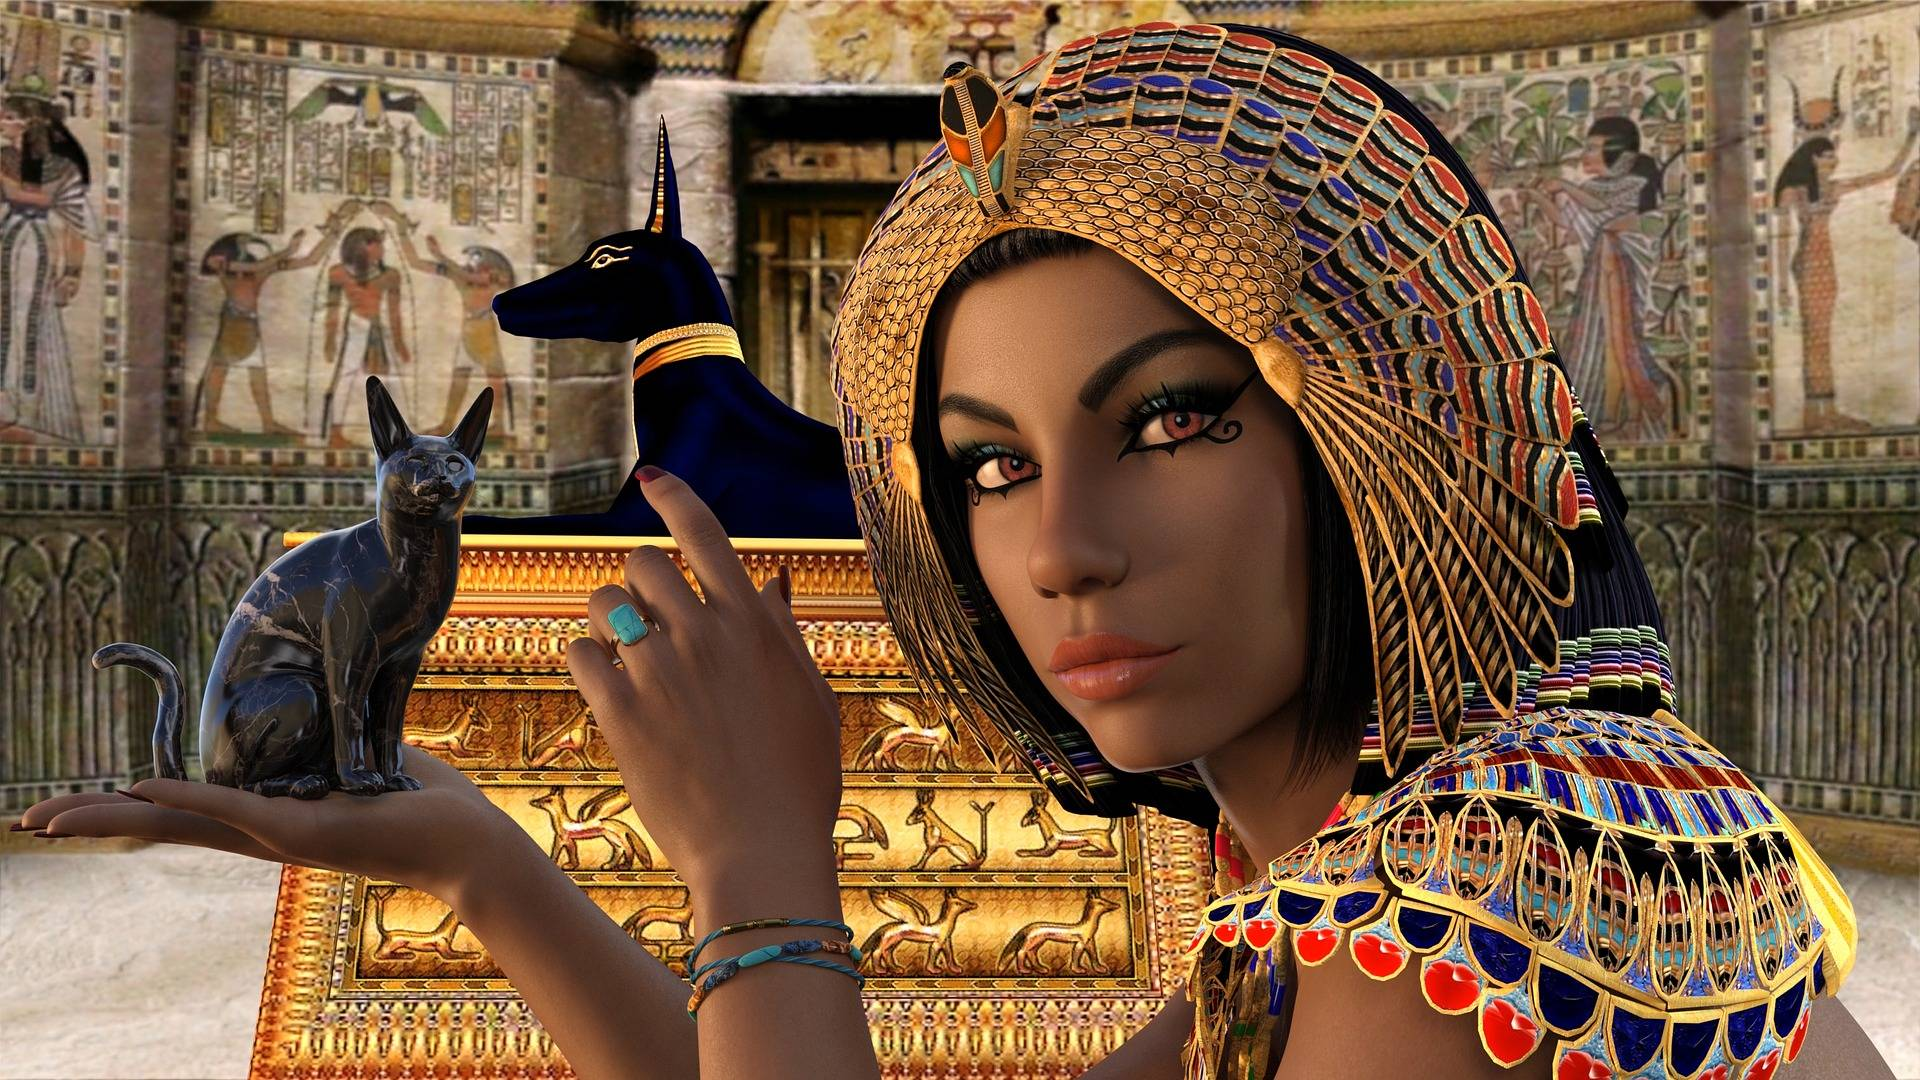 Geschichte von Kleopatra und Marcus Antonius, wie war ihre Beziehung?